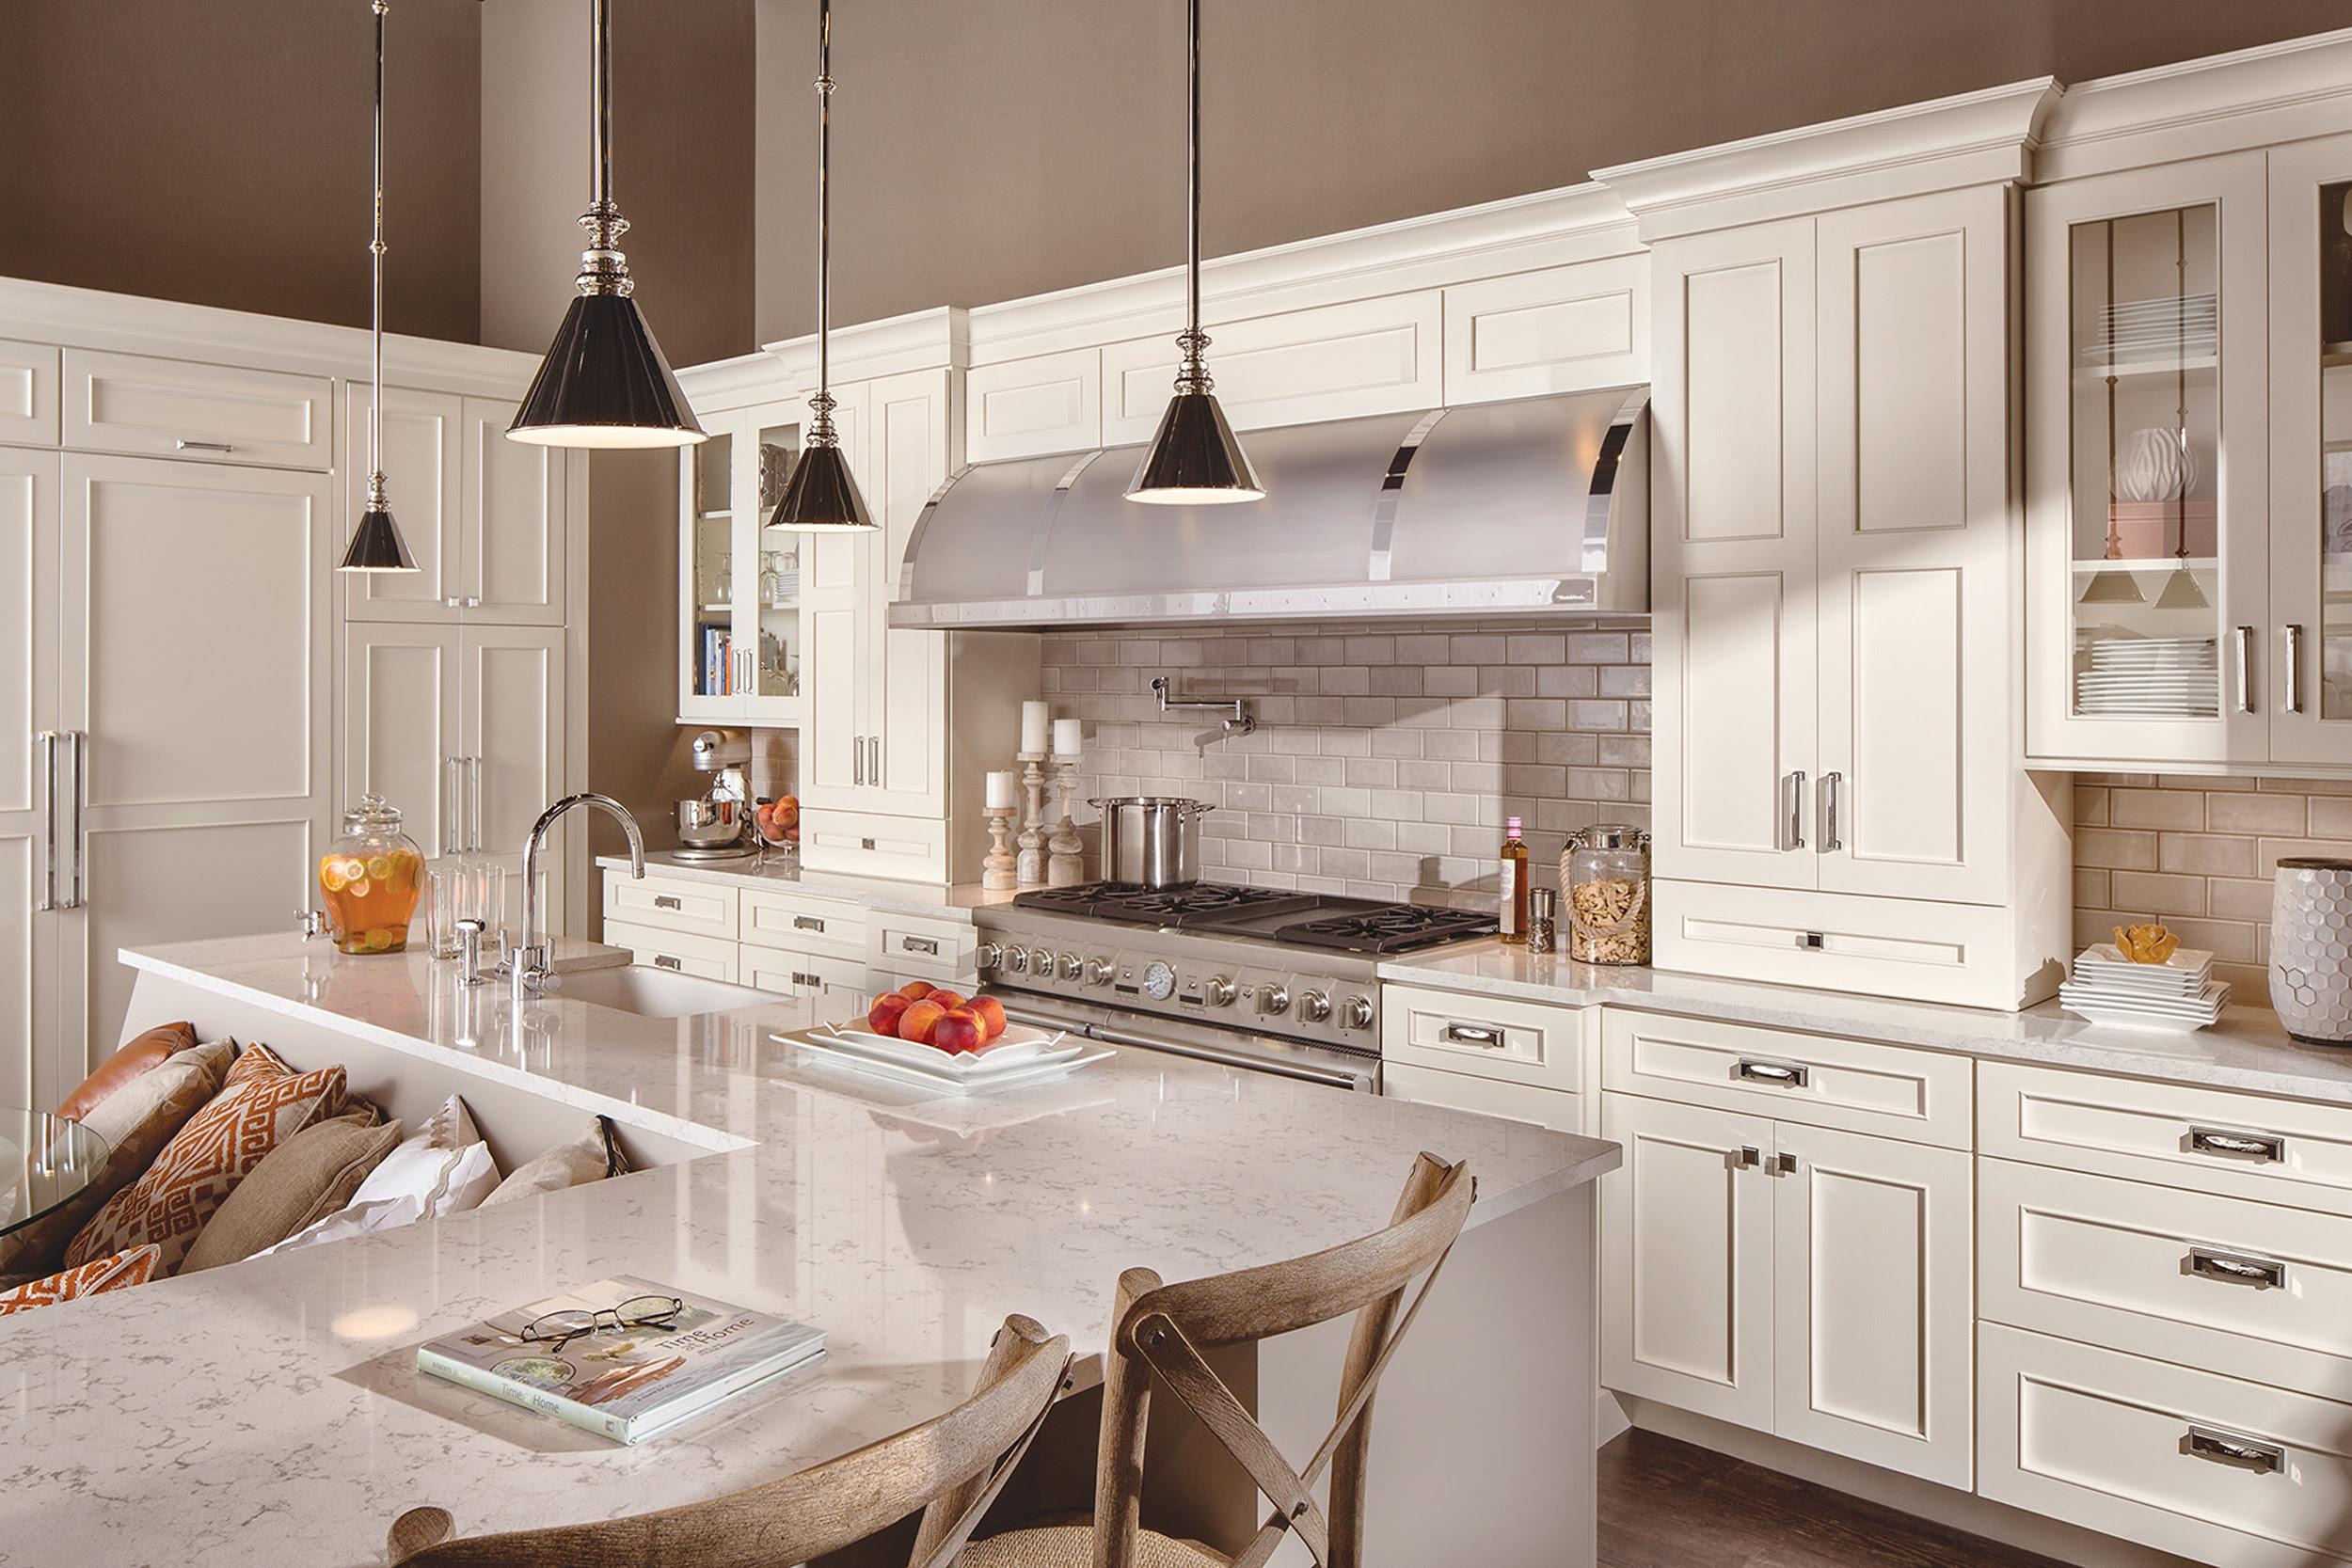 Modern Cottage Kitchens | Home Design Inspiration ...